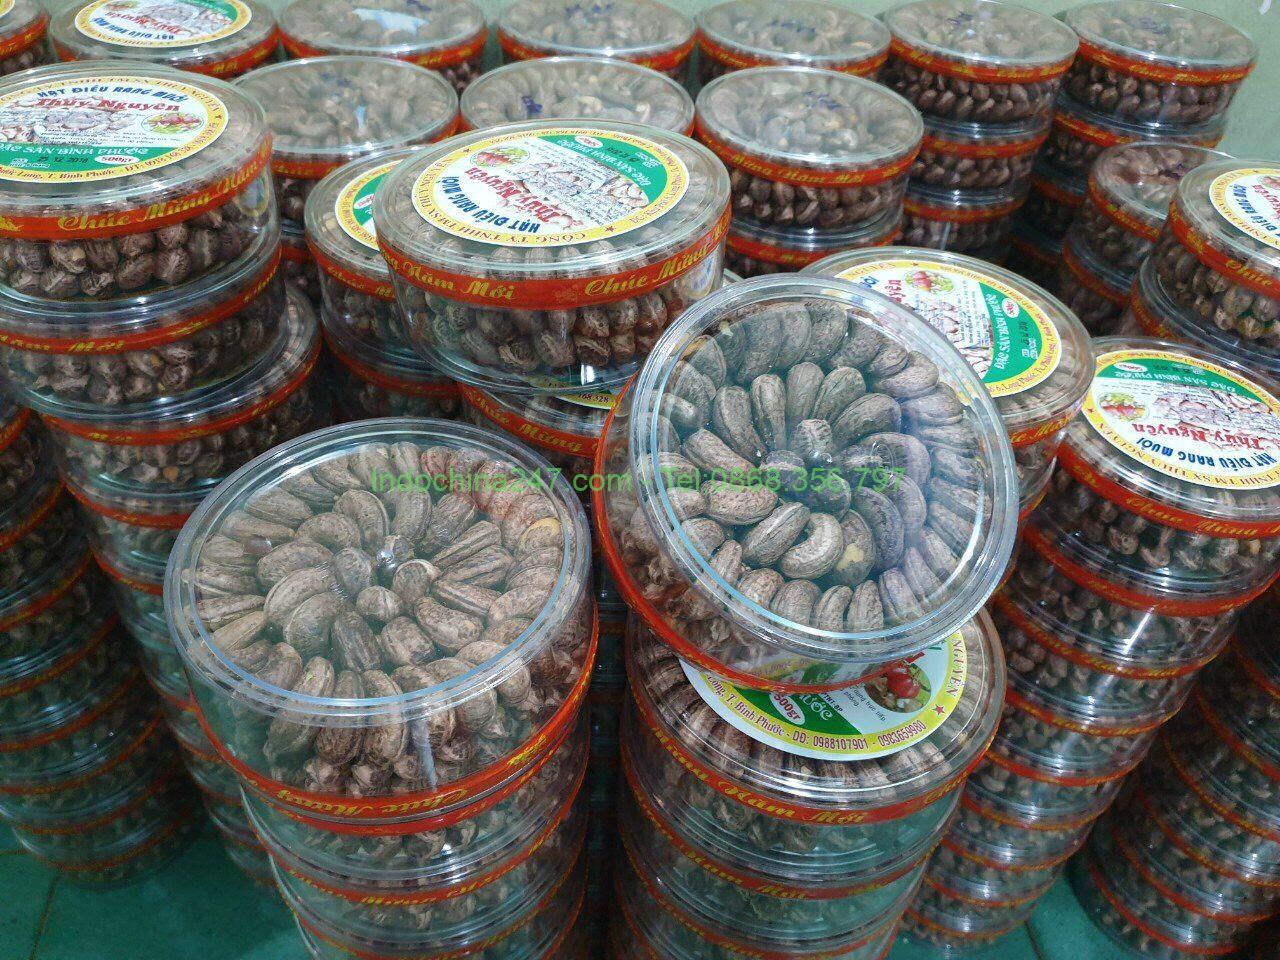 Dịch vụ chuyển phát nhanh thực phẩm khô đi Philippines Malaysia Indonesia